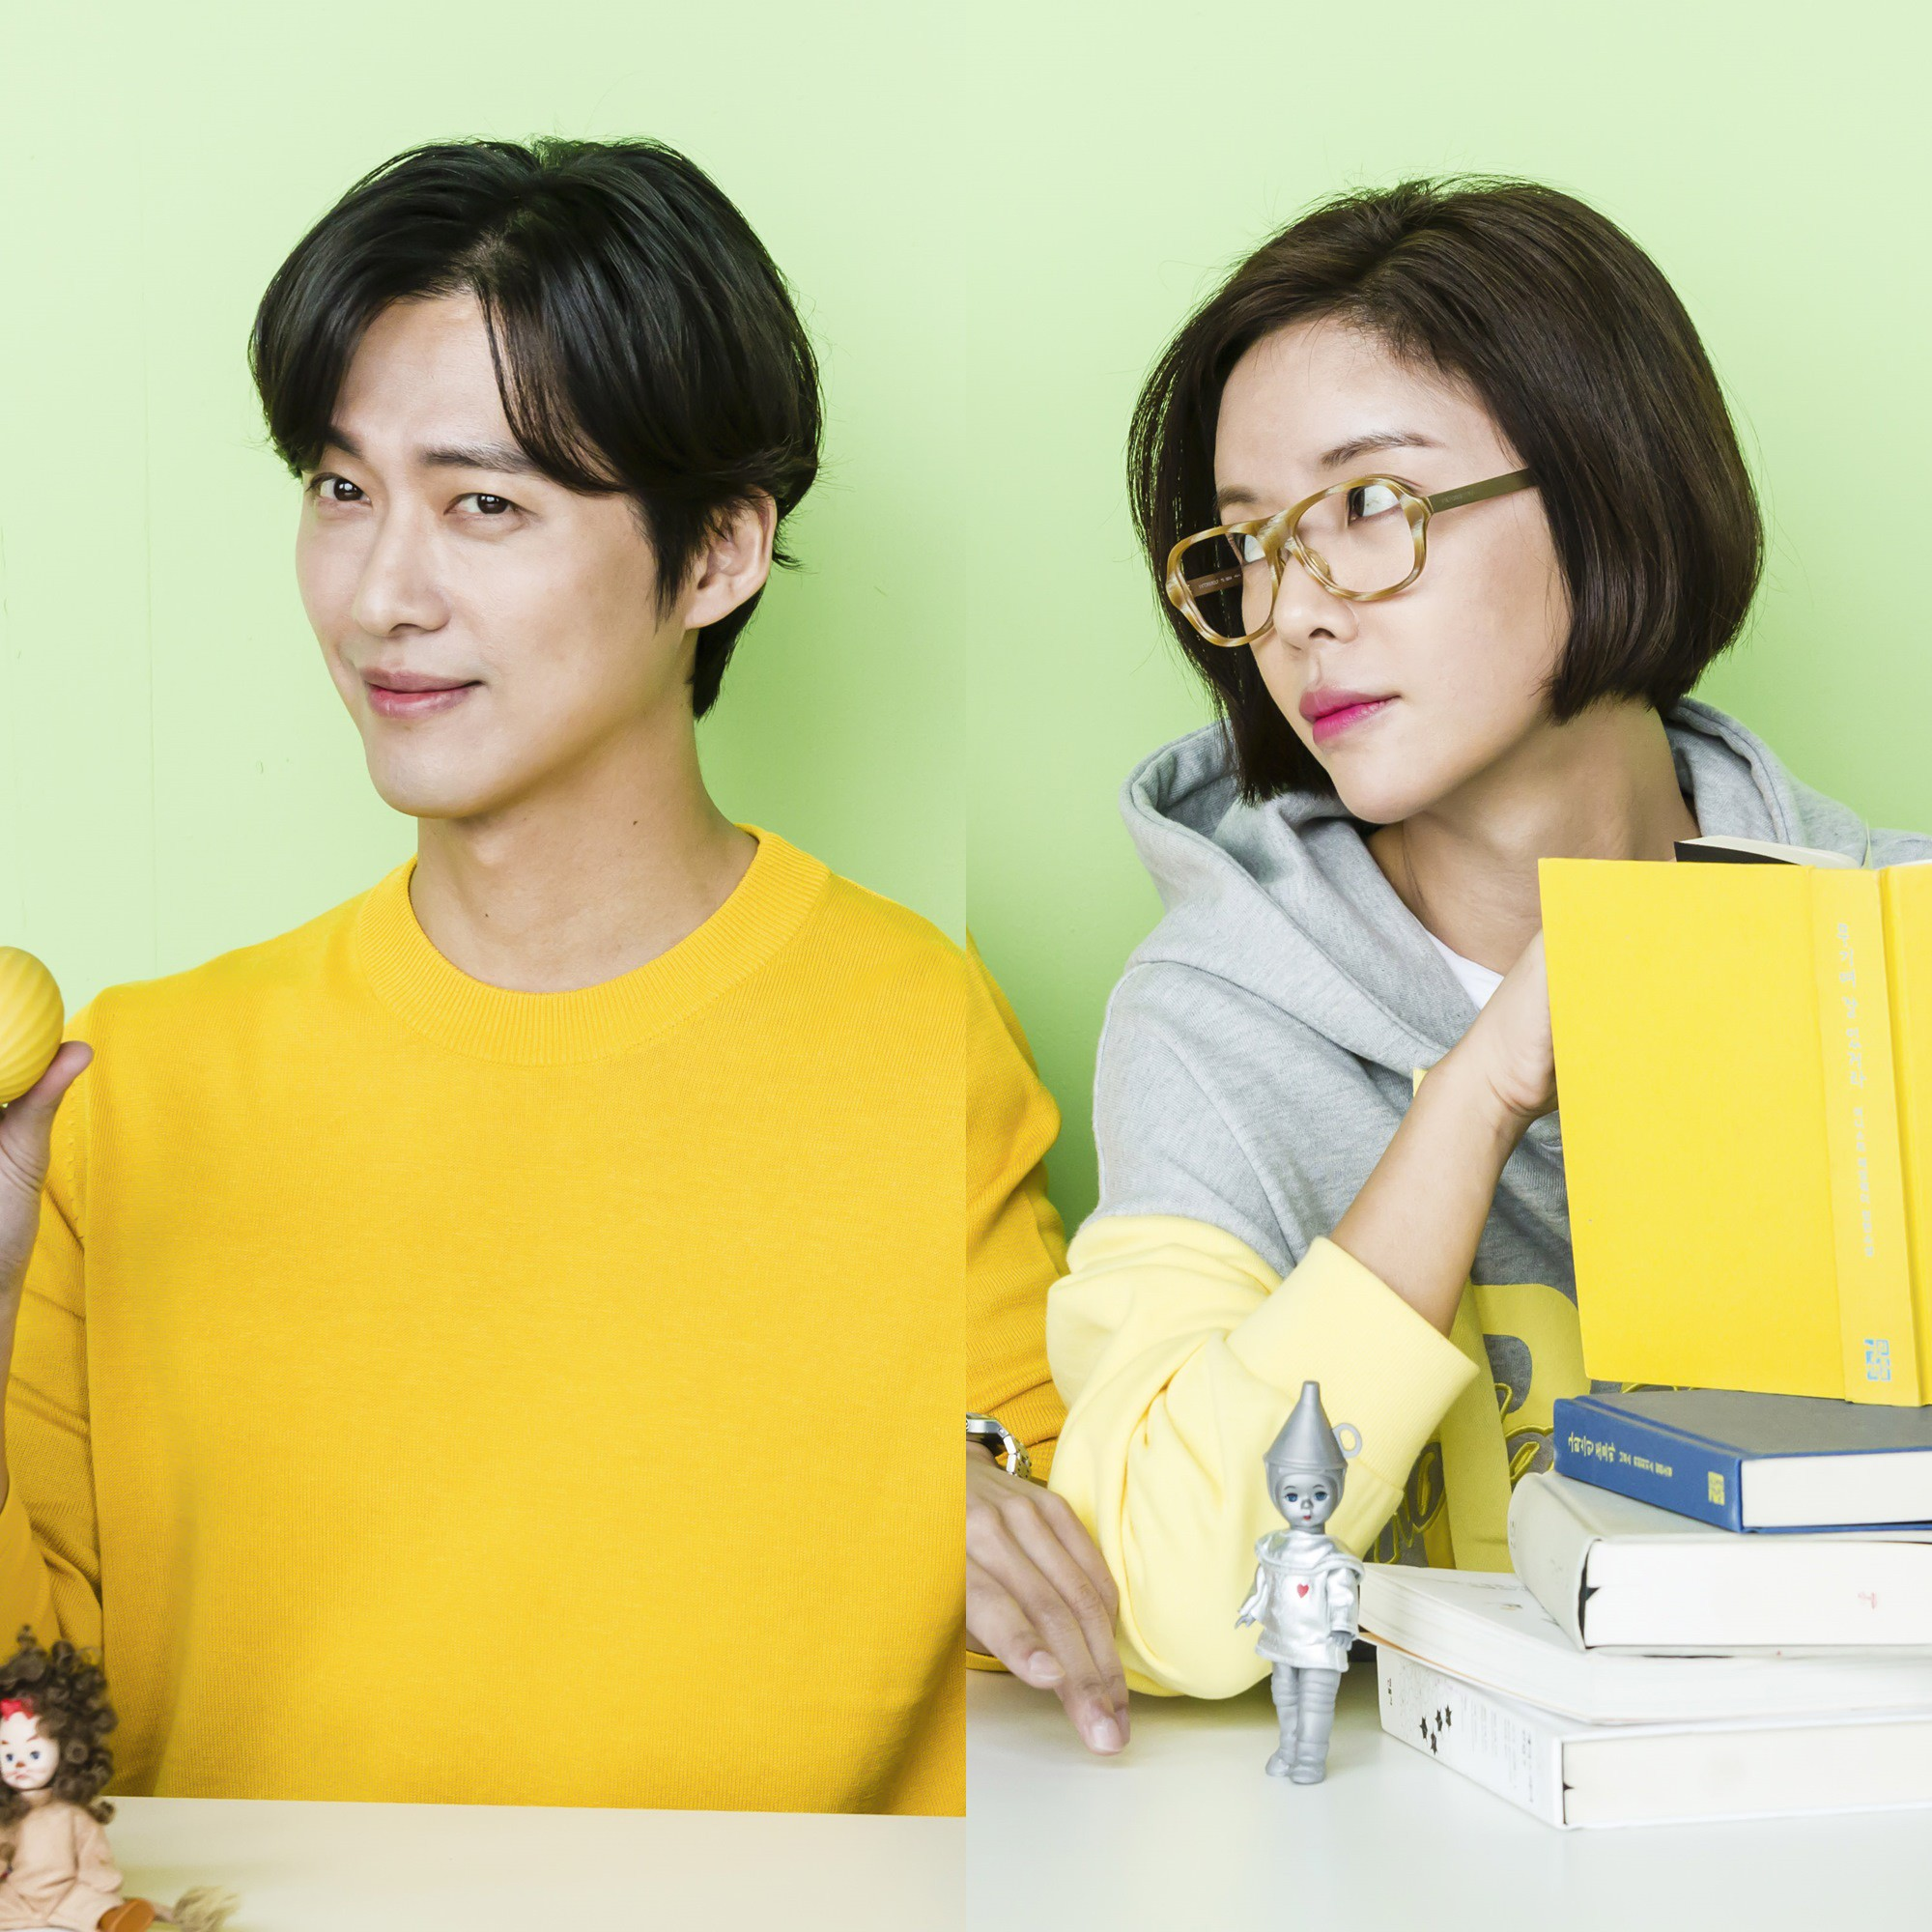 Nữ hoàng nhân bản vai Hwang Jung Eum sắp trở lại: 4 vai liên tiếp đều y hệt nhau, không phân biệt nổi! - Ảnh 5.